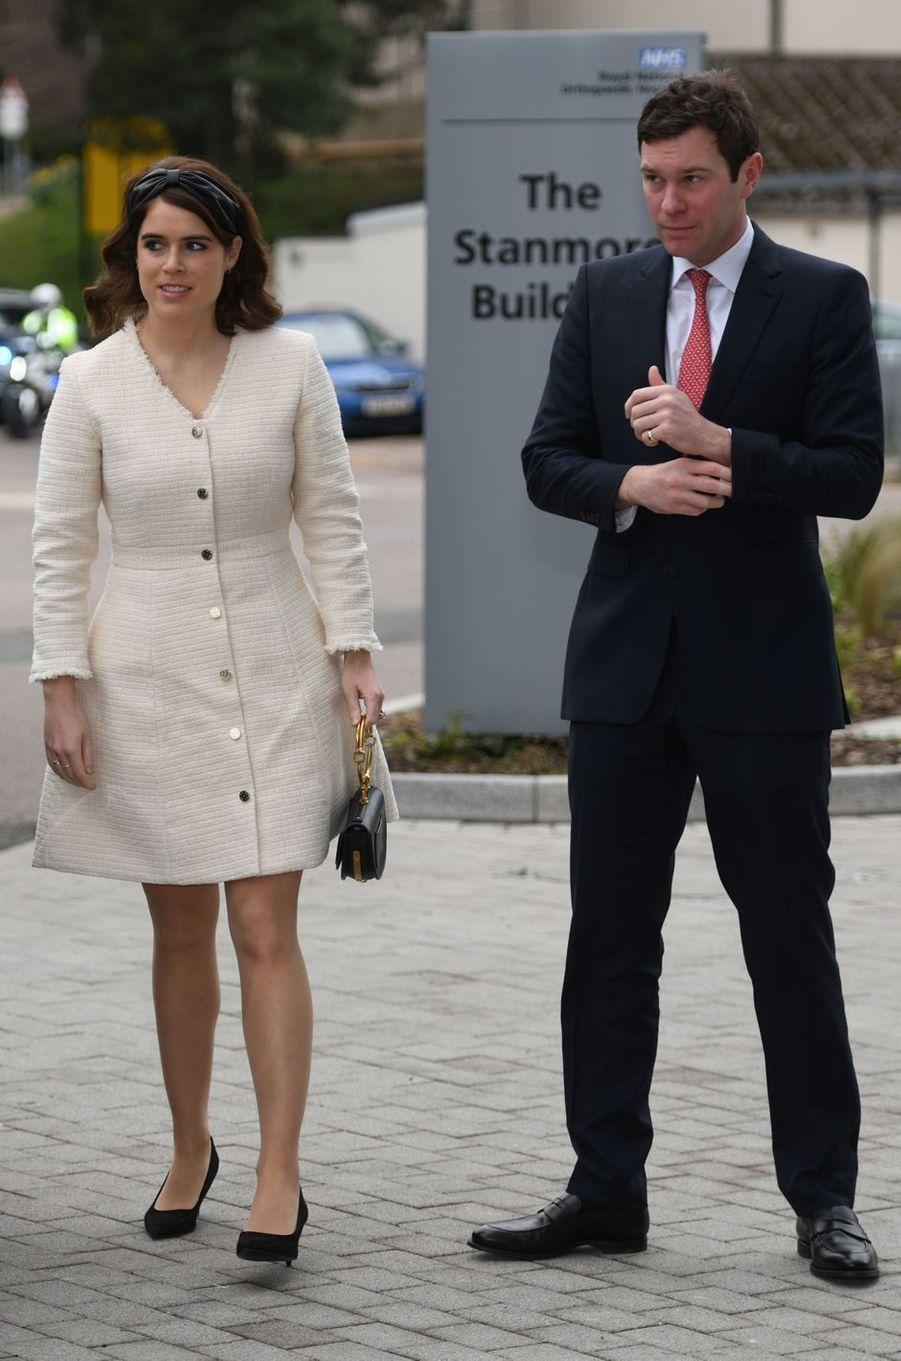 La princesse Eugenie d'York avec son mari Jack Brooksbank à Londres, le 21 mars 2019